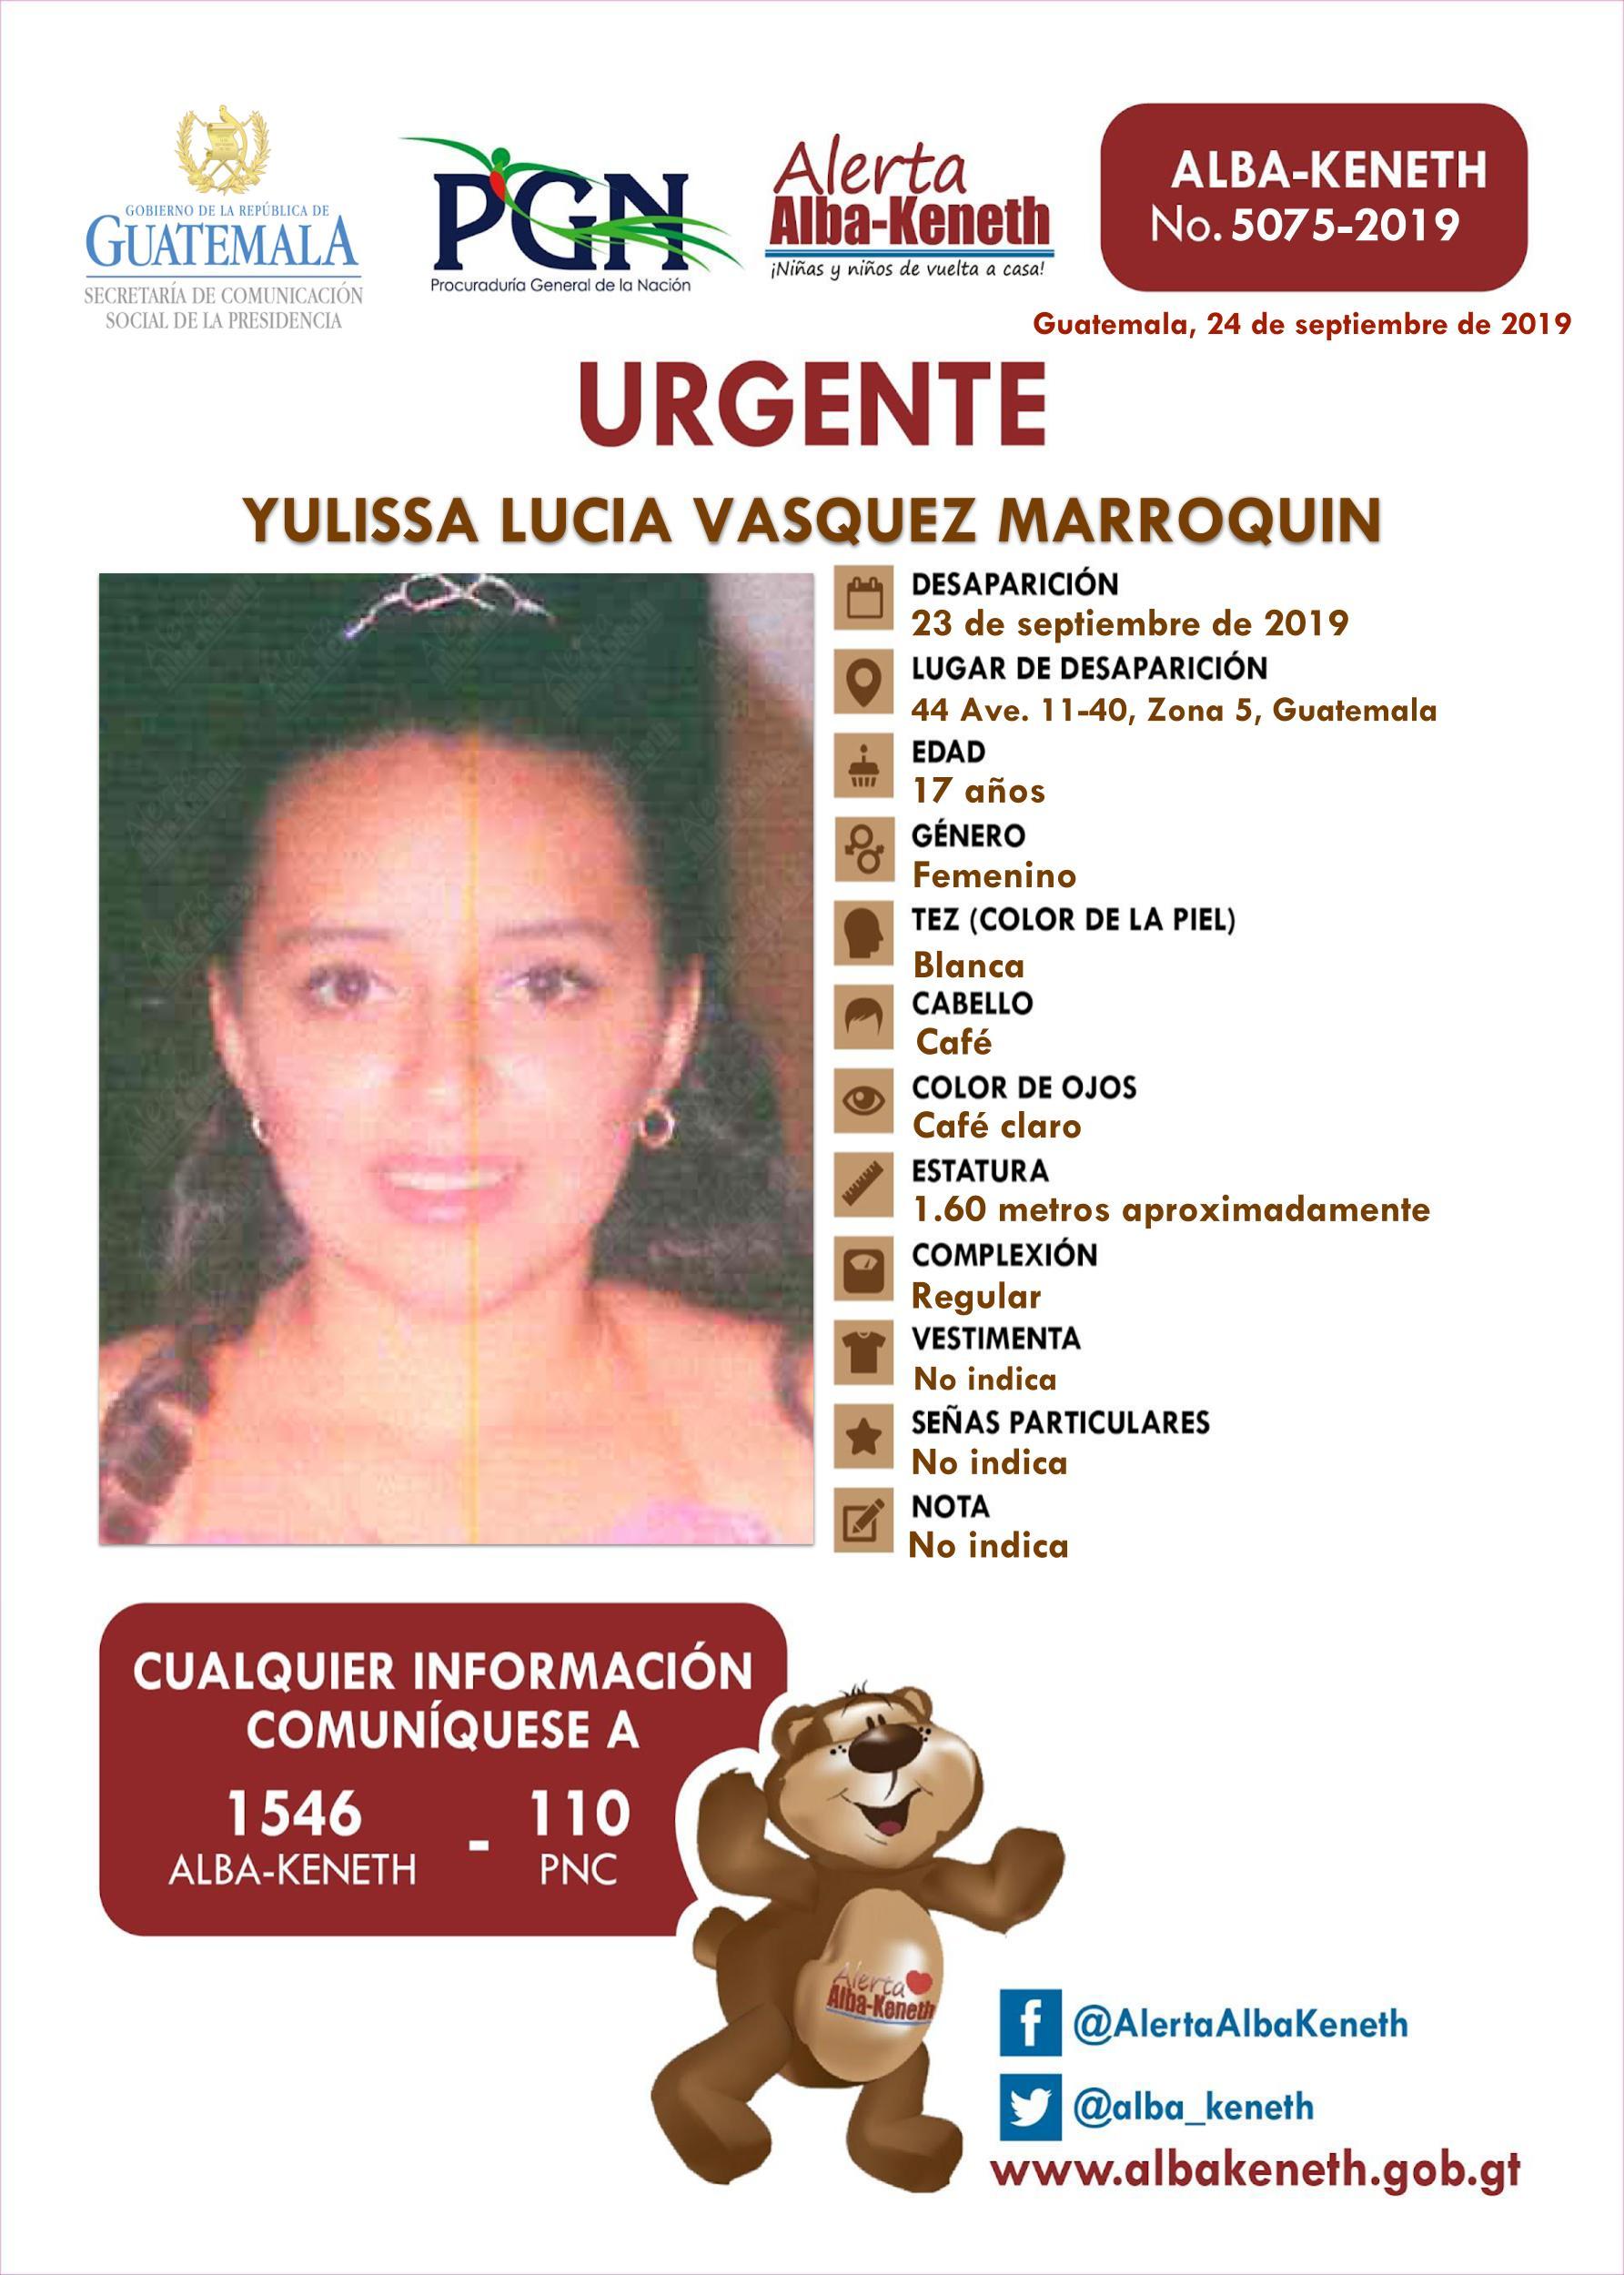 Yulissa Lucia Vasquez Marroquin